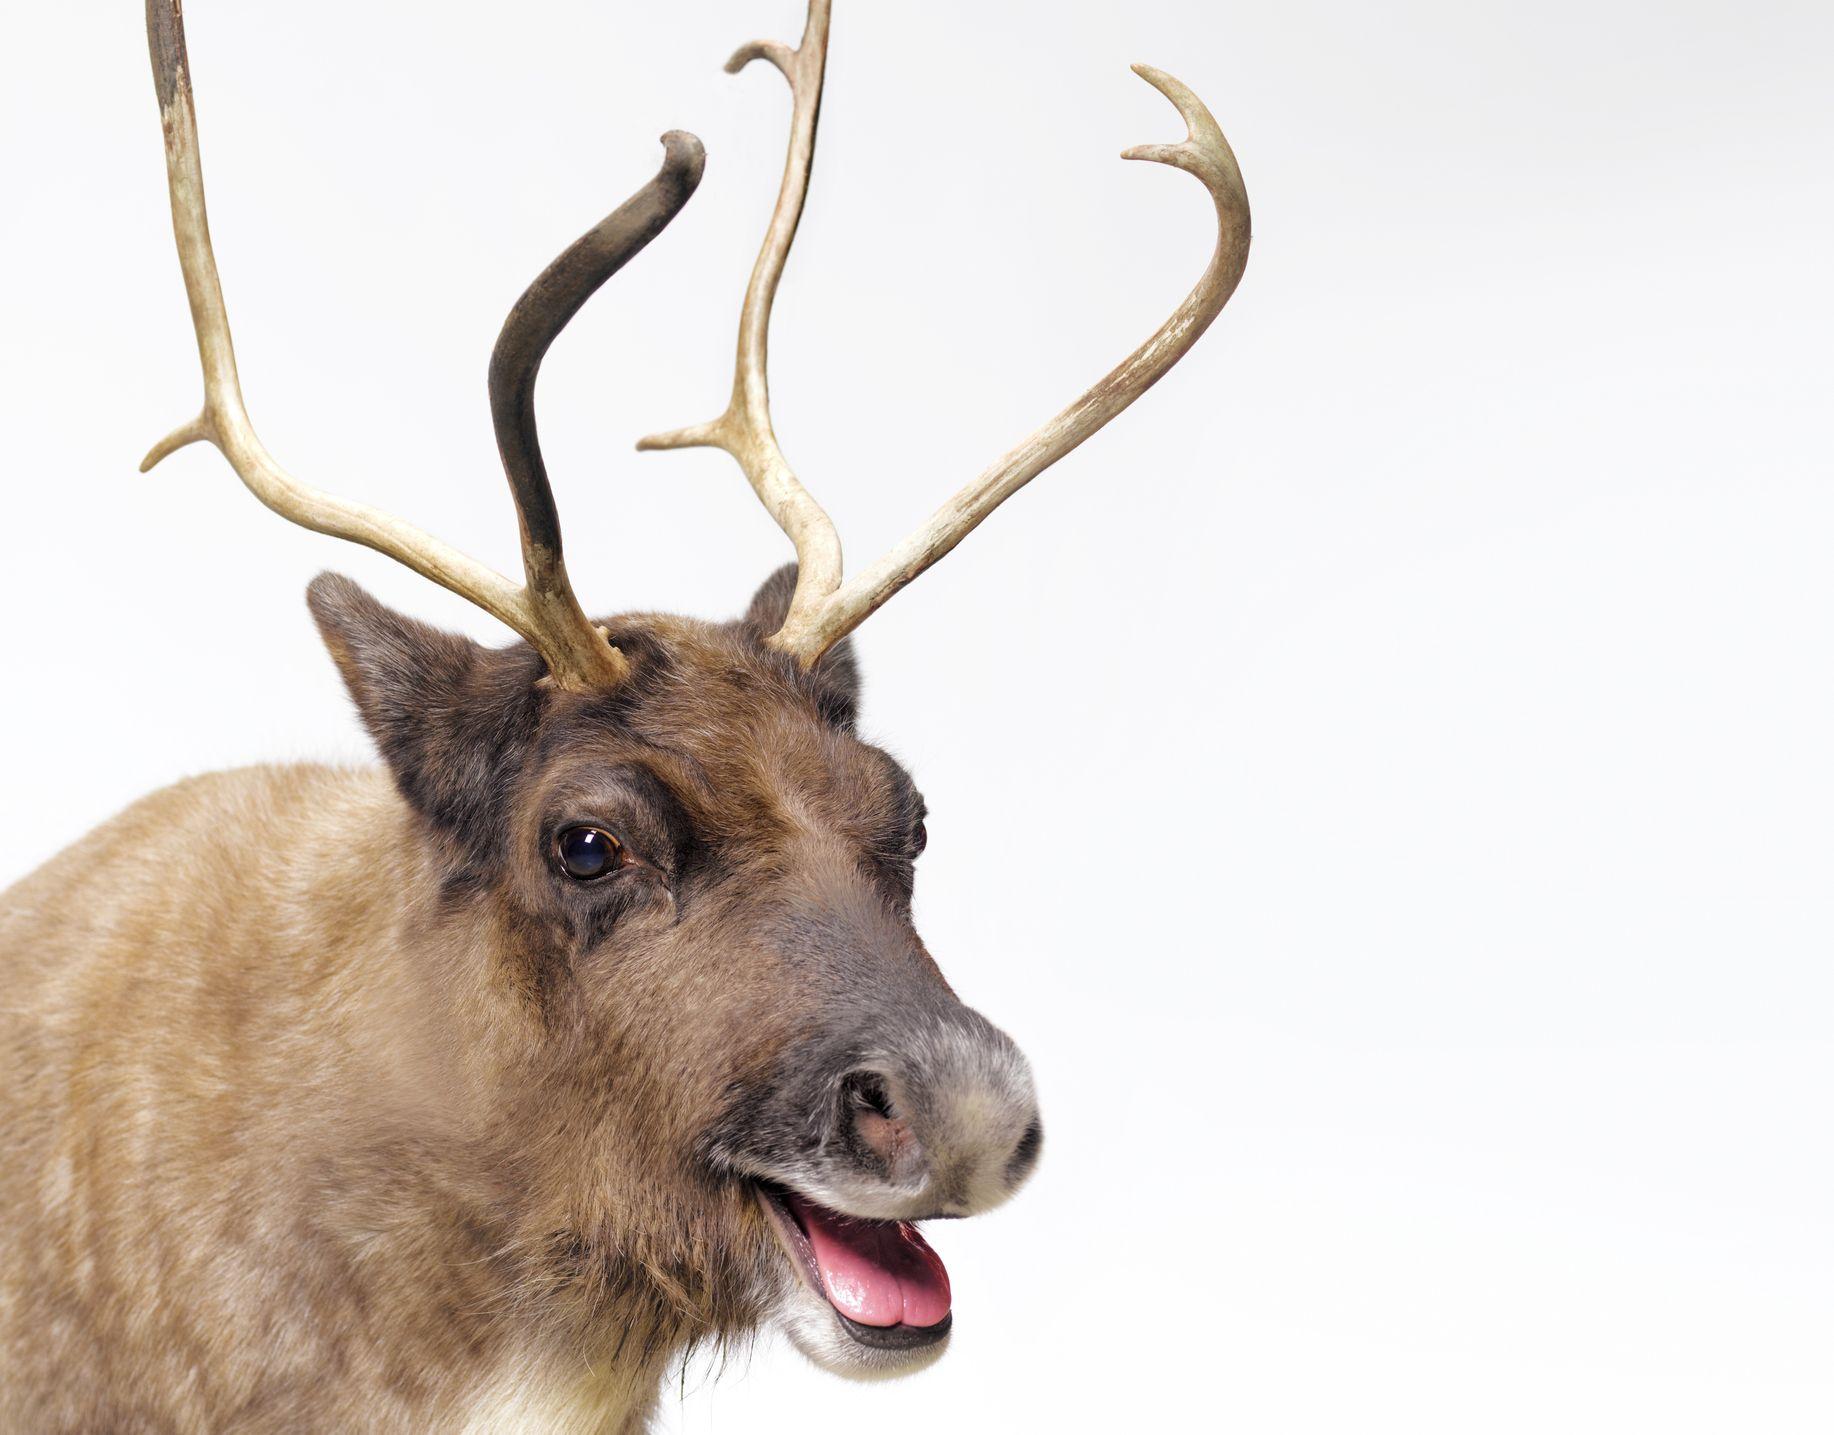 Donner Donder or Dunder Santas Reindeers Name Explained